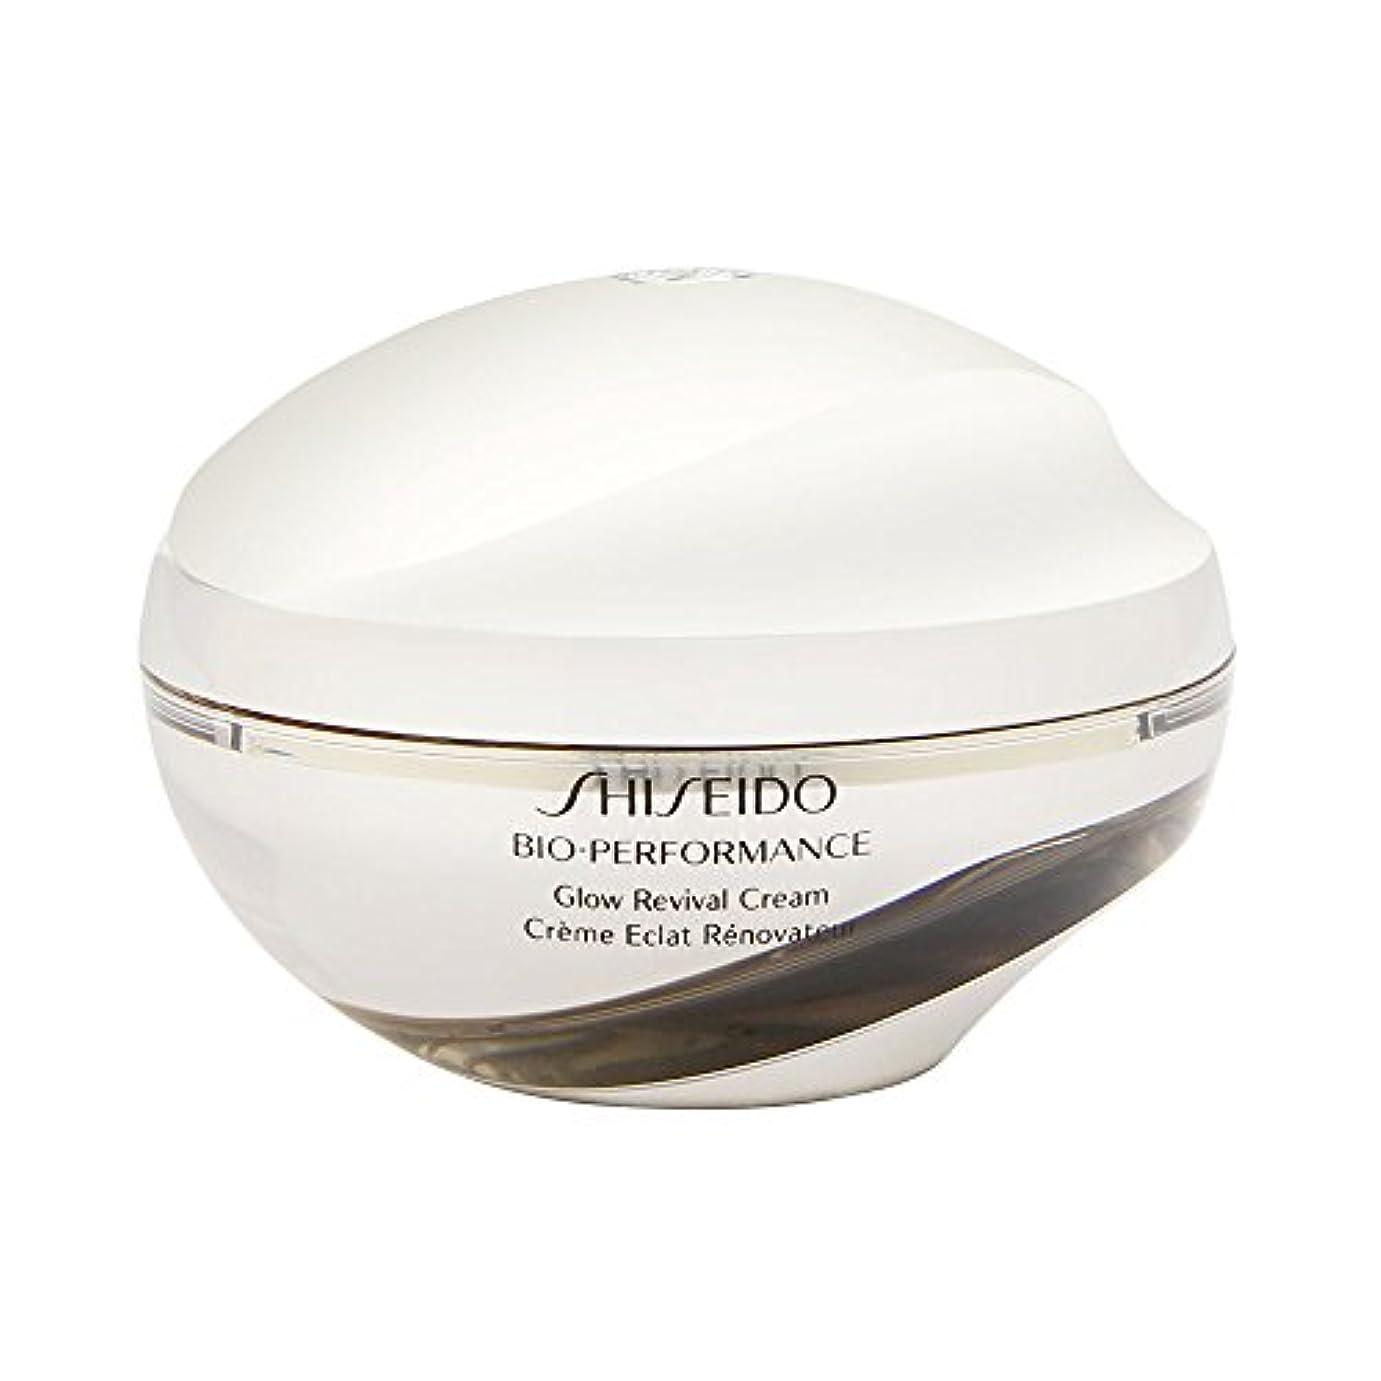 属性ペナルティ逆Shiseido Bio Performance Glow Revival Cream 75 ml / 2.6 oz by Shiseido